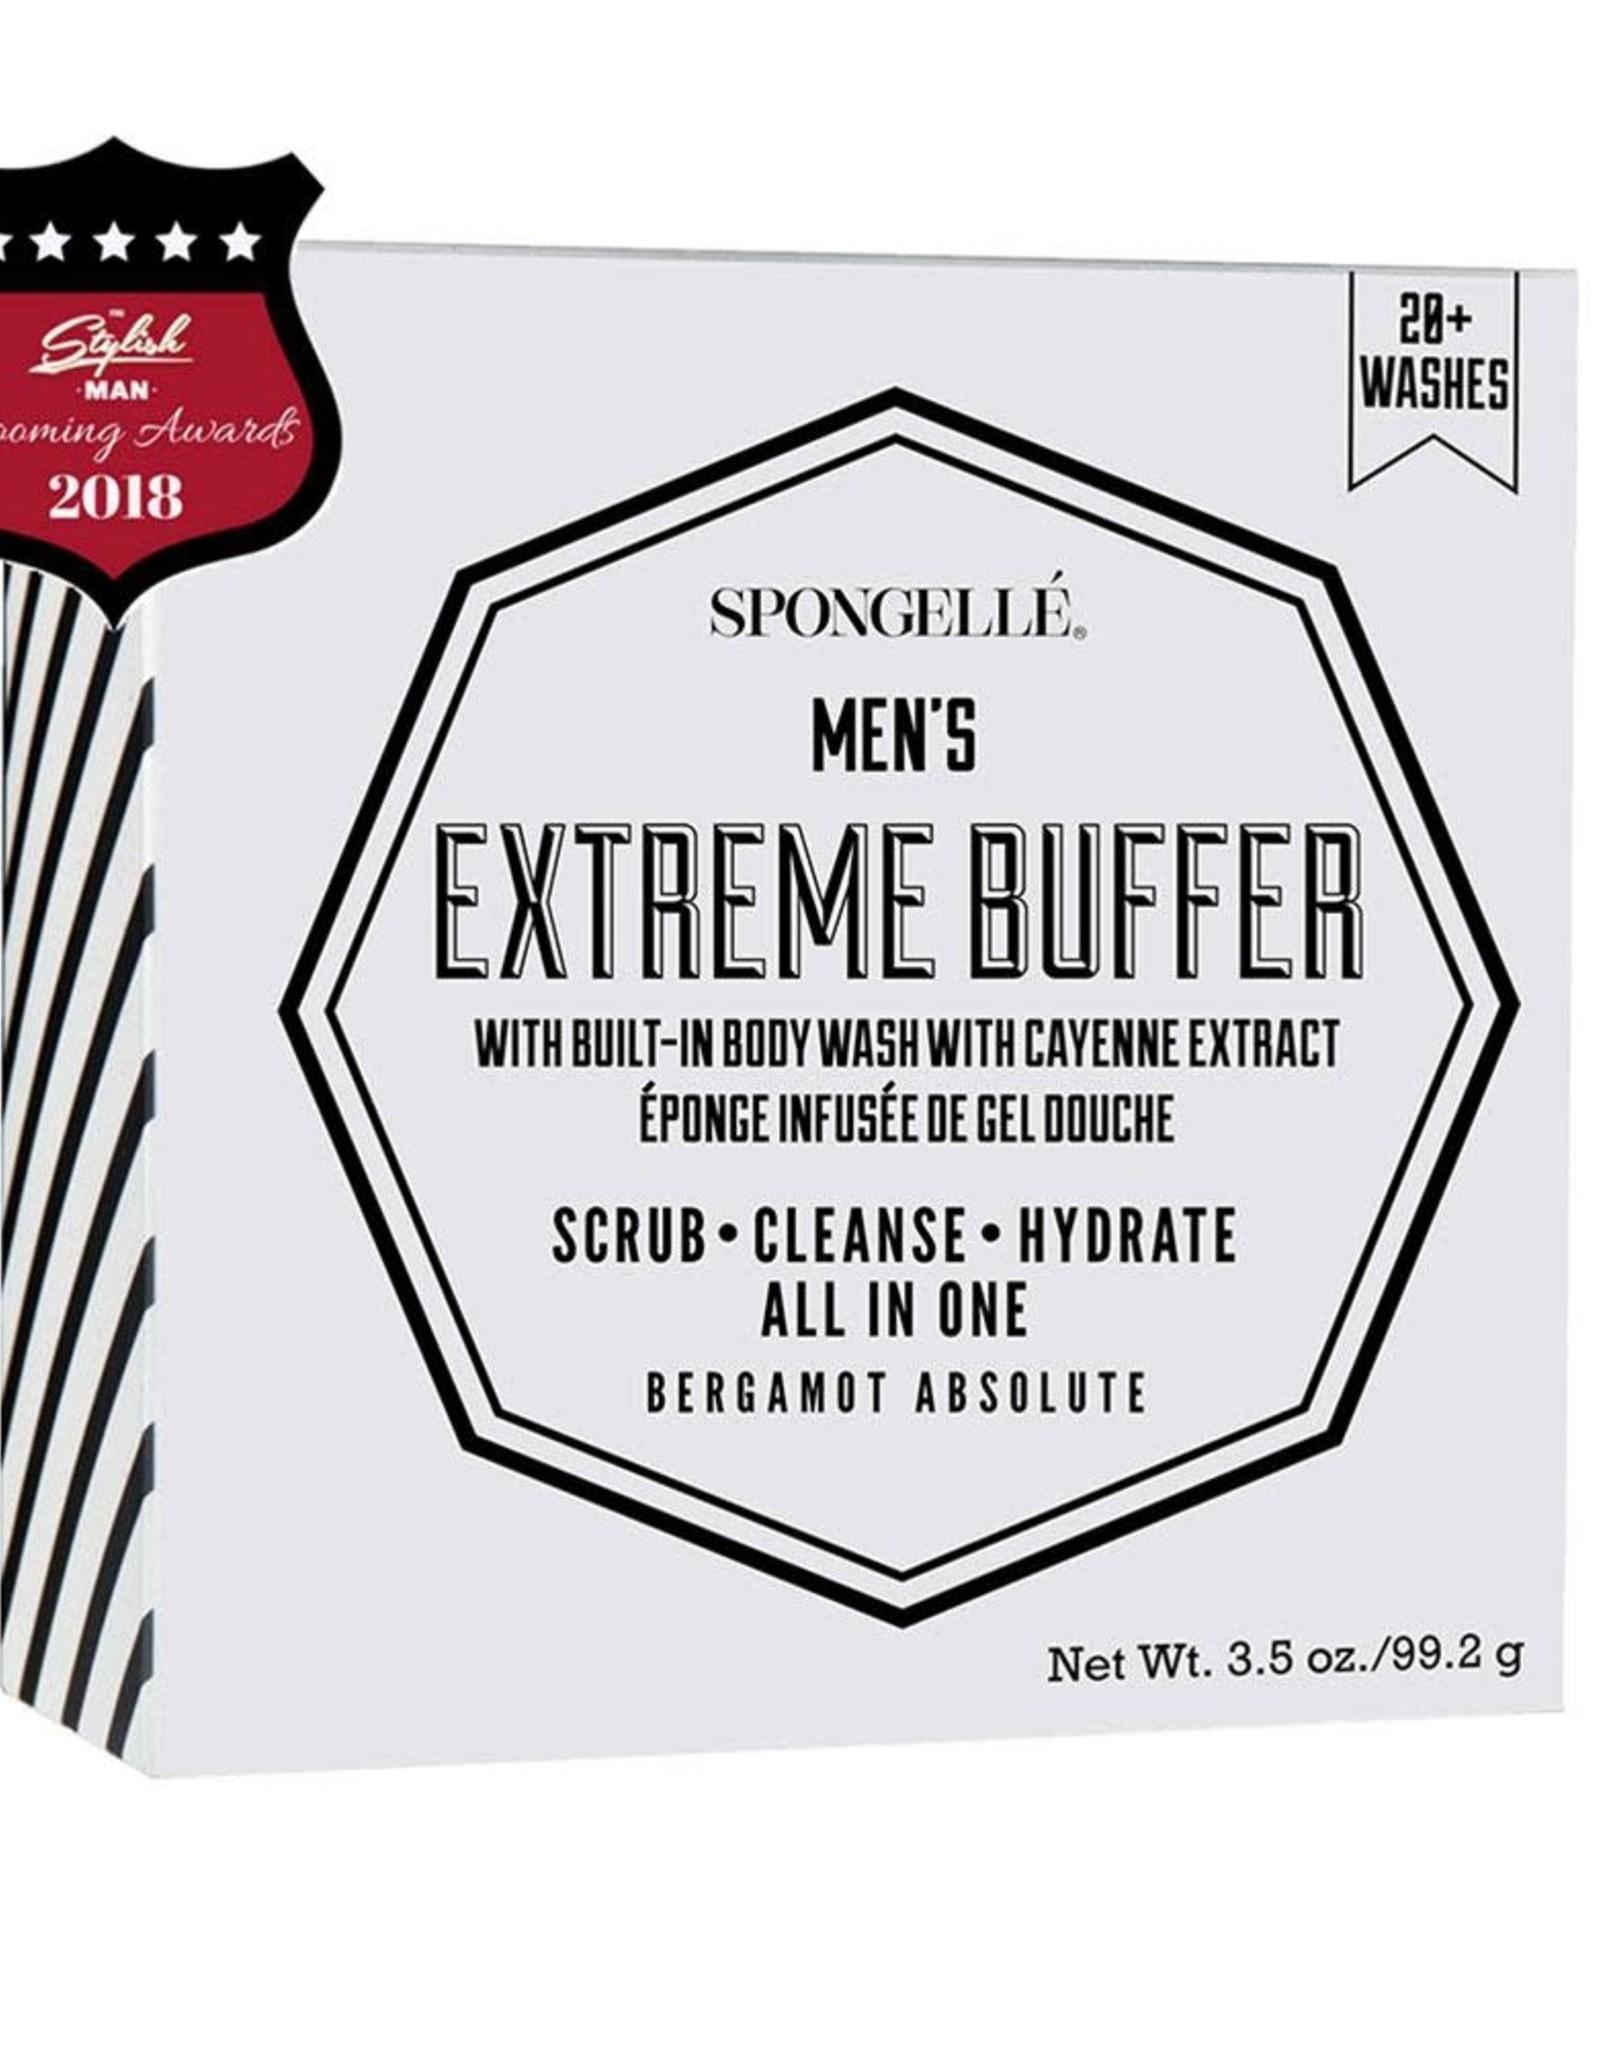 Spongelle Men's Extreme Buffer   Bergamot Absolute